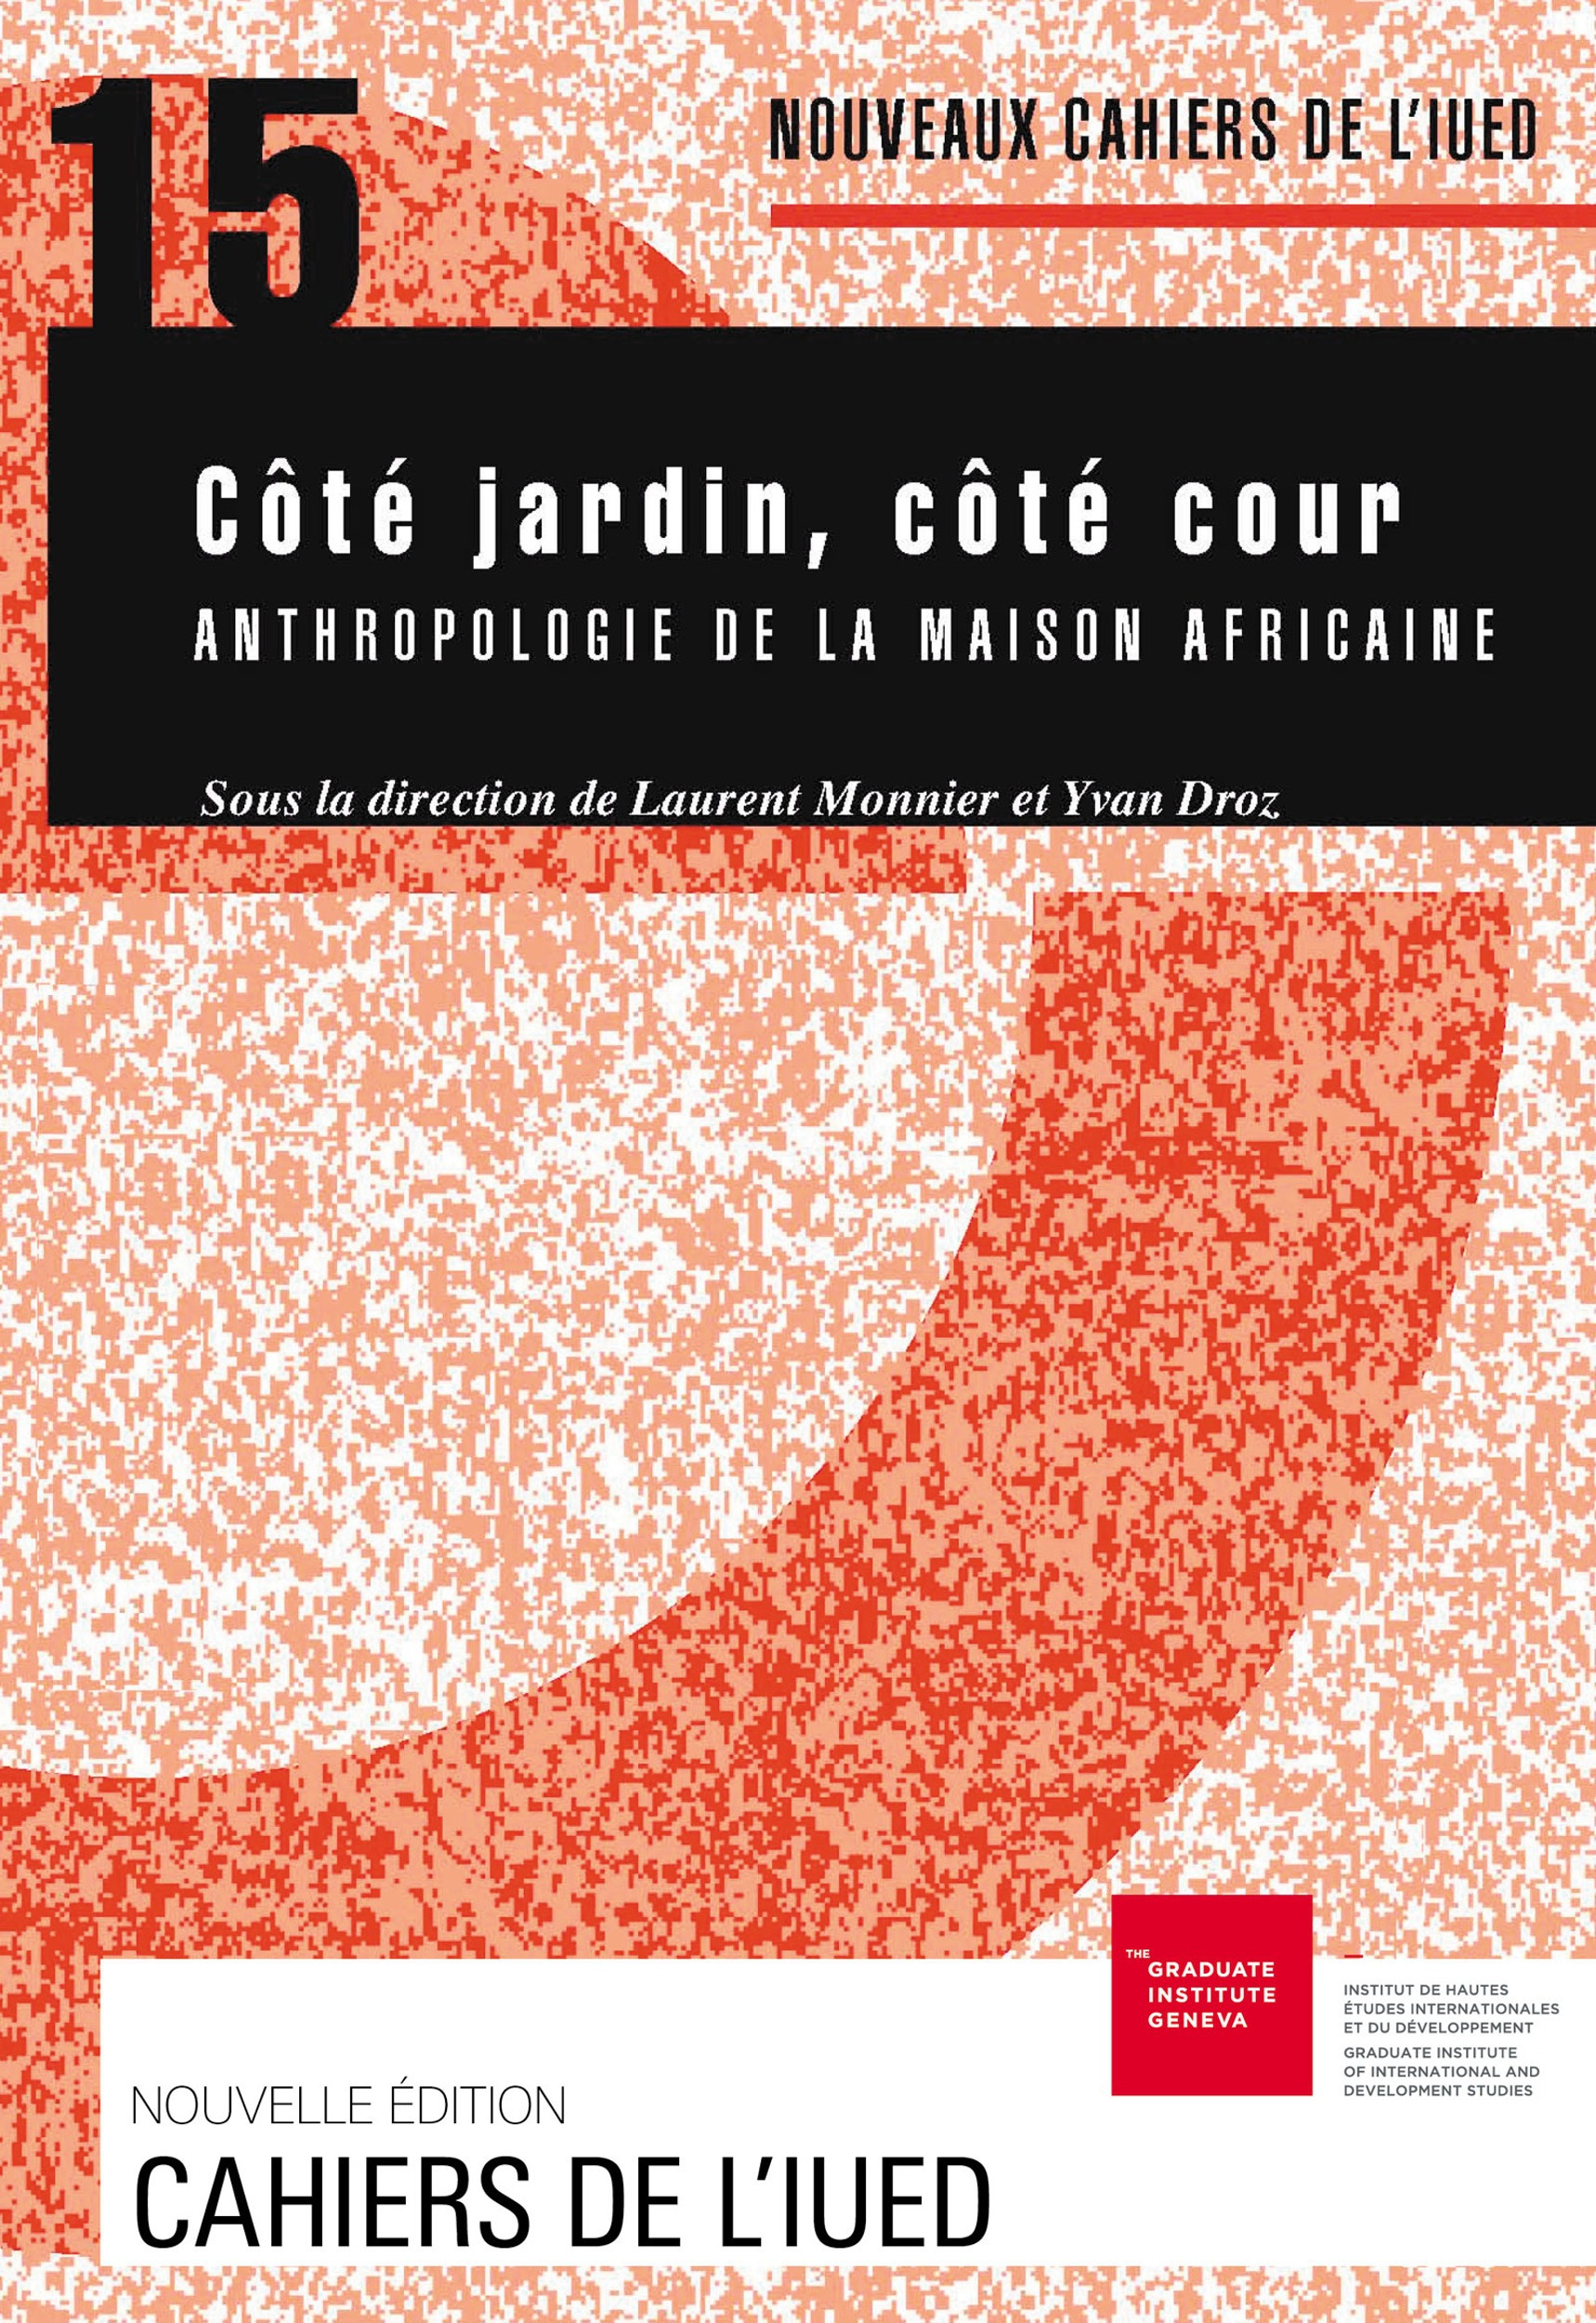 Cote cour, cote jardin  anthropologie de la maison africaine